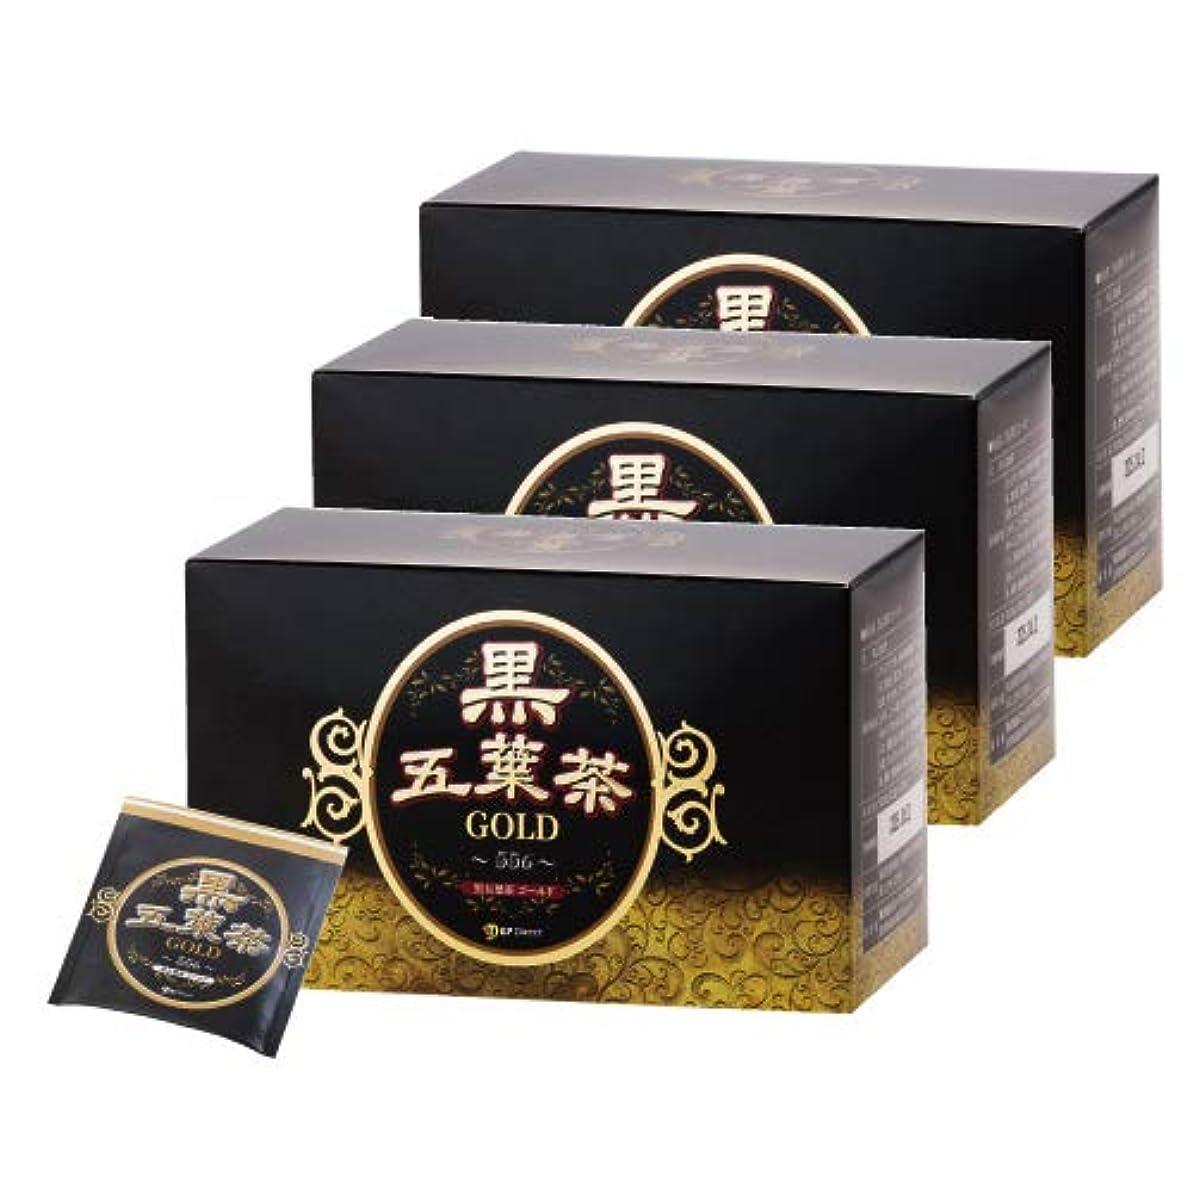 触手王室肺黒五葉茶ゴールド 30包 3箱セット ダイエット ダイエット茶 ダイエットティー ハーブティー 難消化性デキストリン